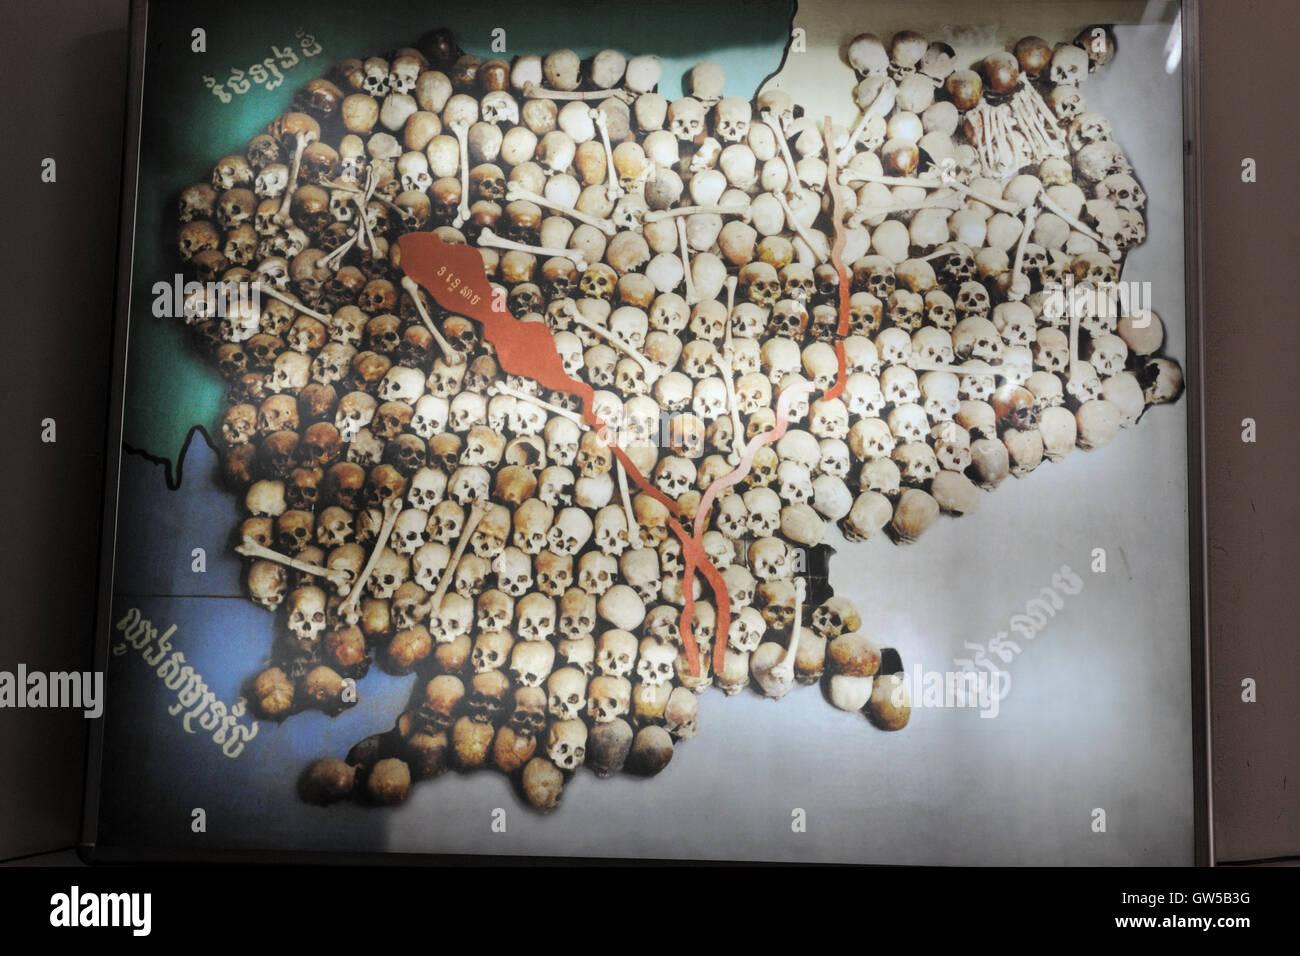 Phnom Penh - Choeung Ek Killing Fields - where the Khmer ... | 1300 x 956 jpeg 193kB